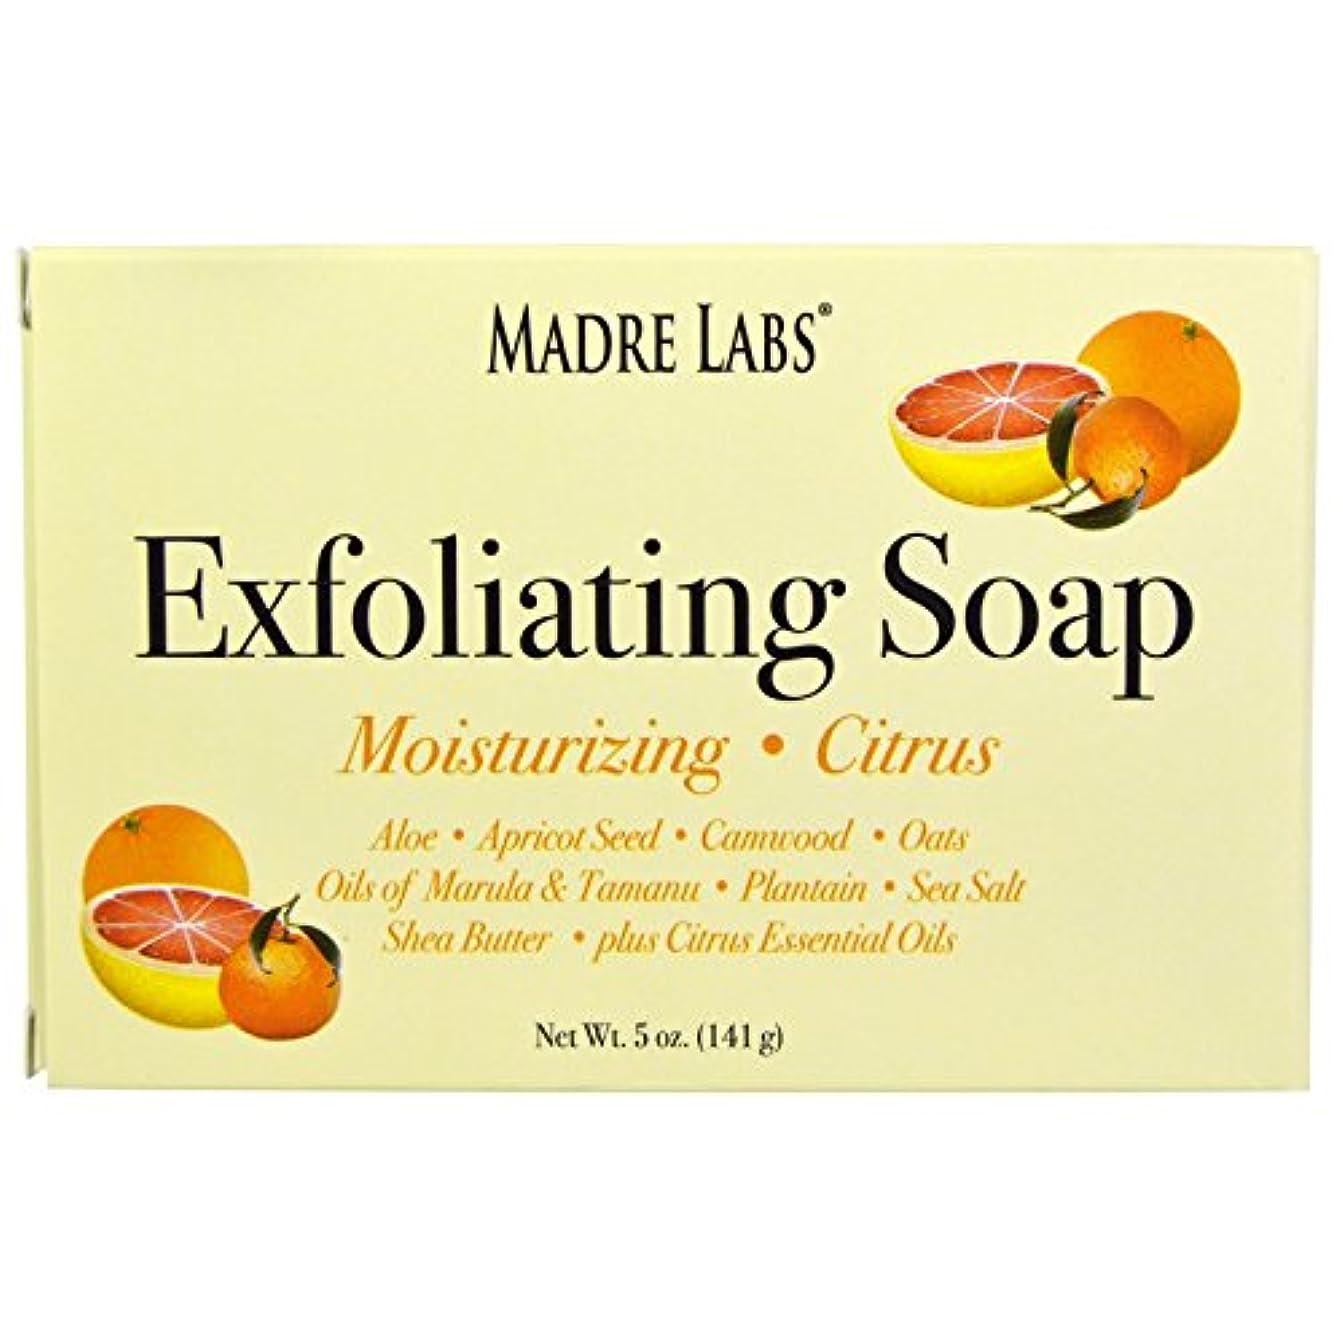 難しいブーストぶどうマドレラブ シアバター入り石鹸 柑橘フレーバー Madre Labs Exfoliating Soap Bar with Marula & Tamanu Oils plus Shea Butter